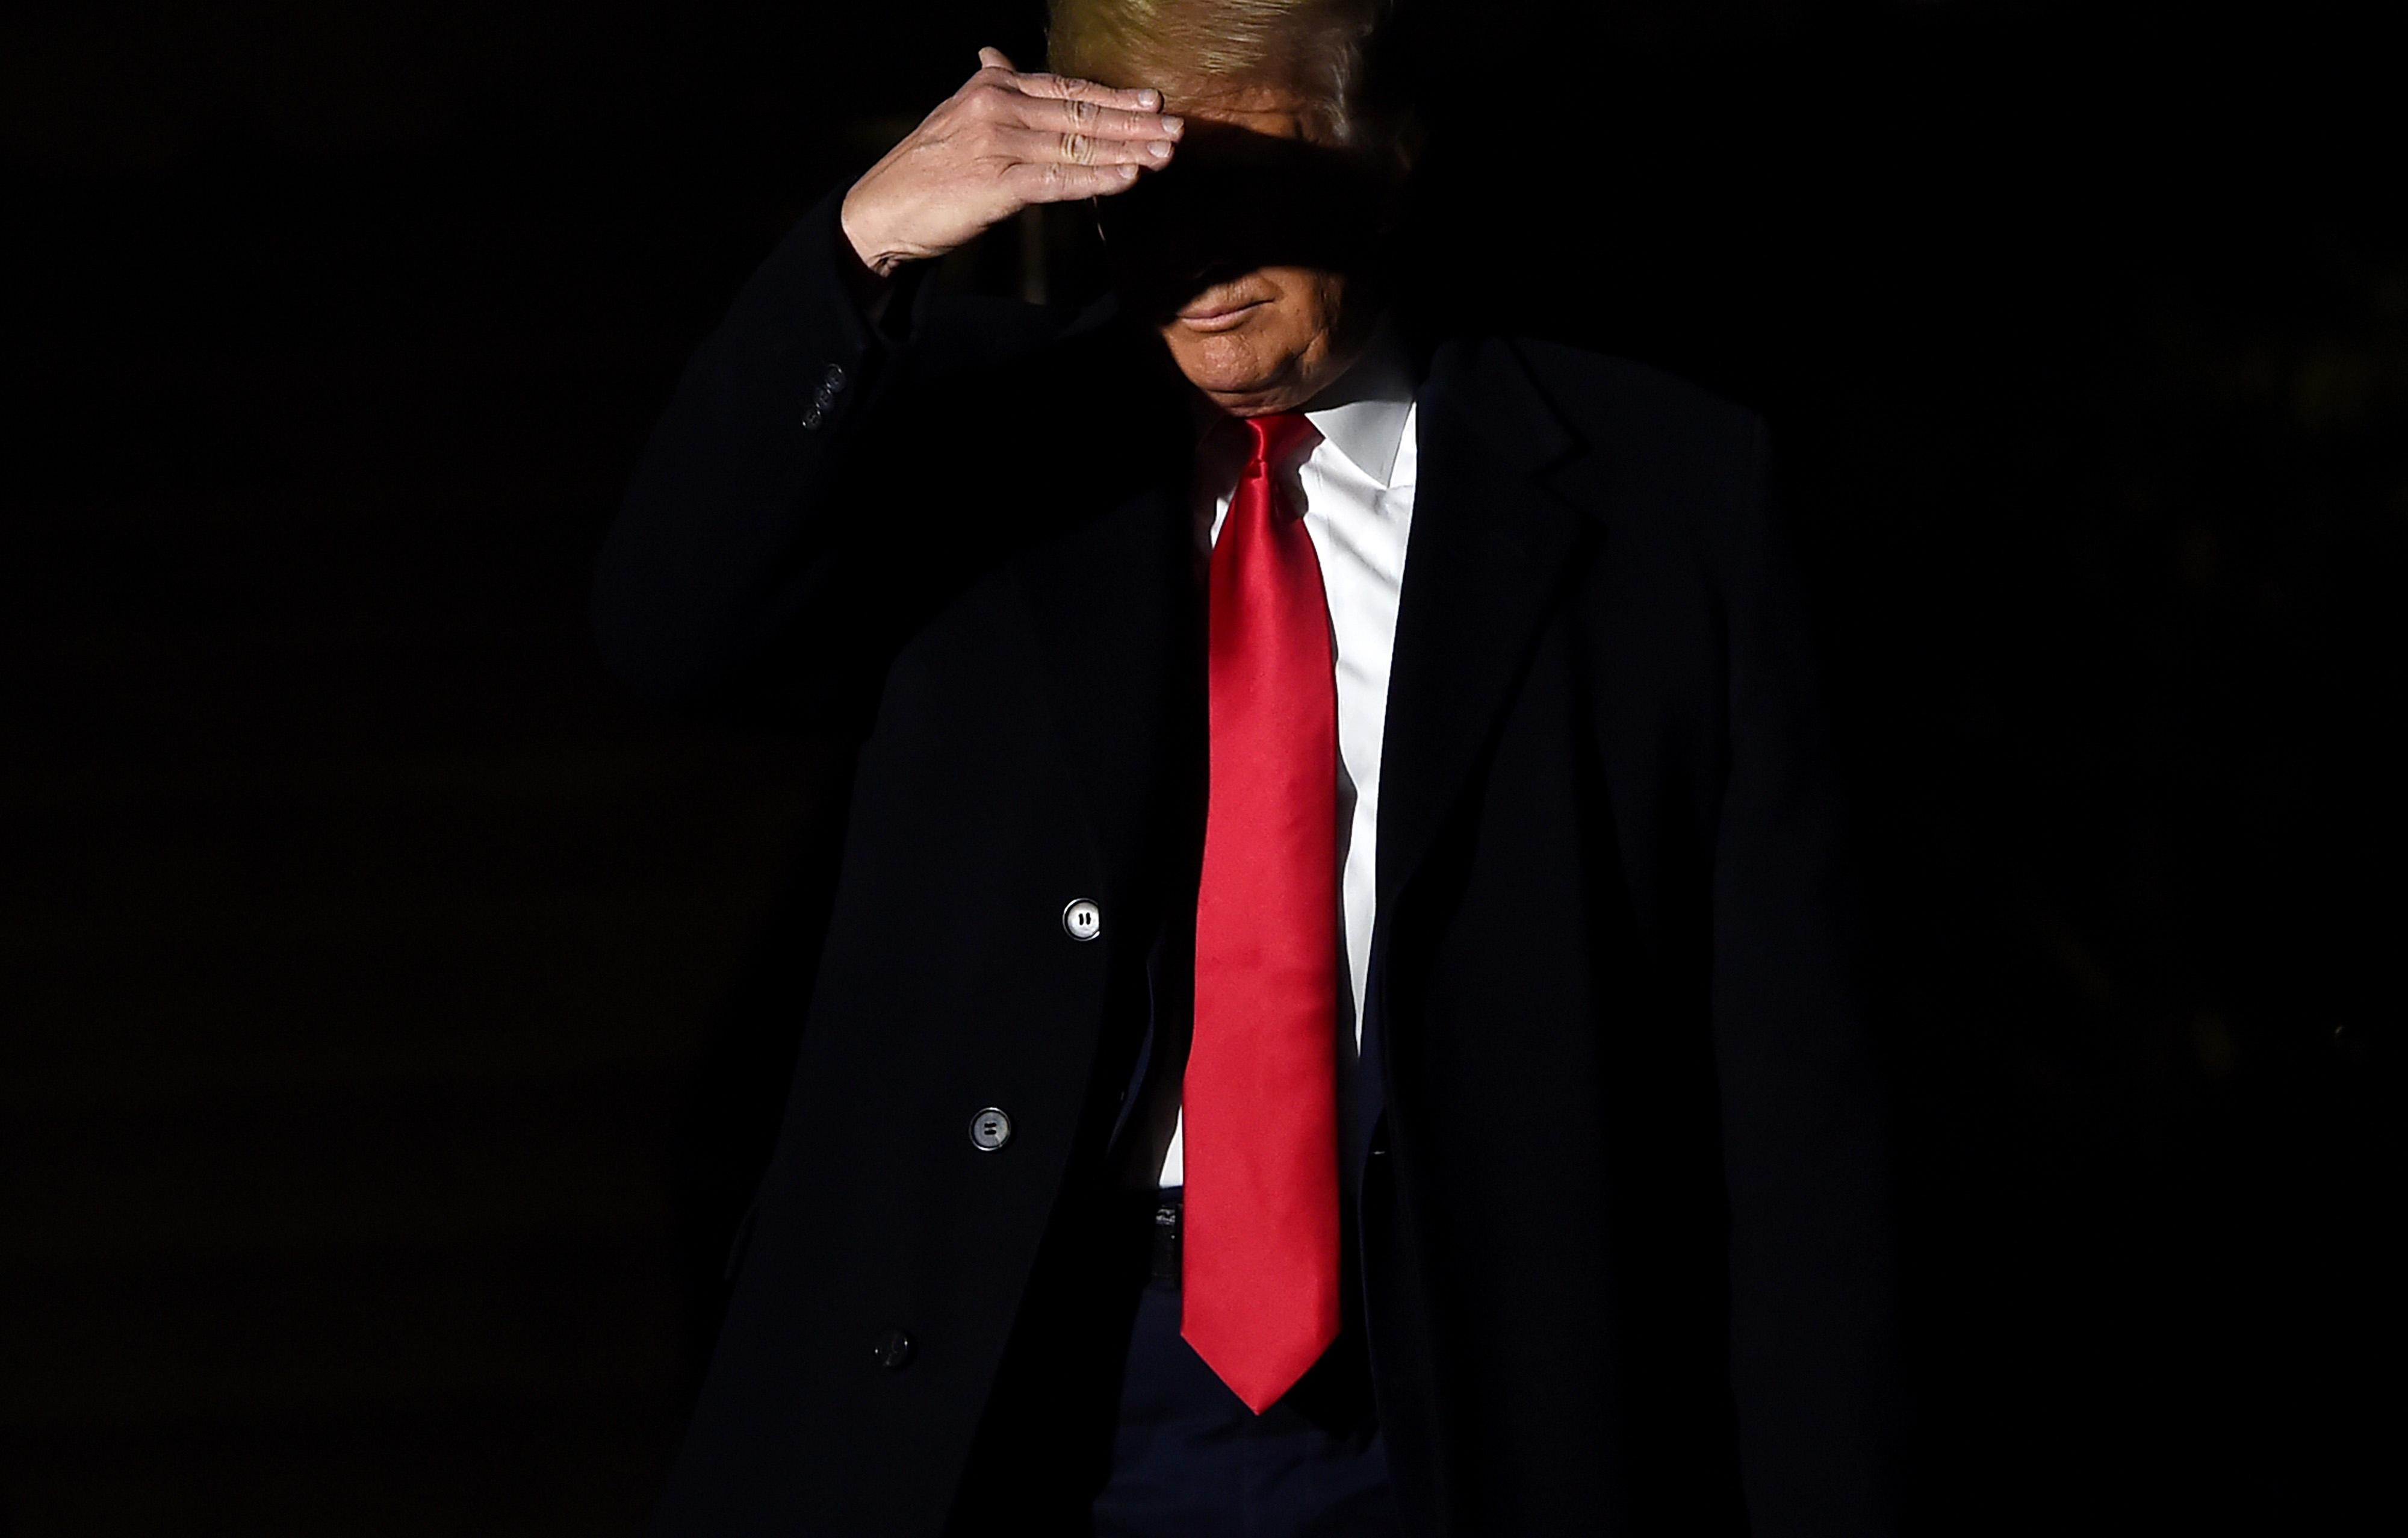 A demokraták szerint Trump visszaélt hatalmával és akadályozta a törvényhozók vizsgálatát